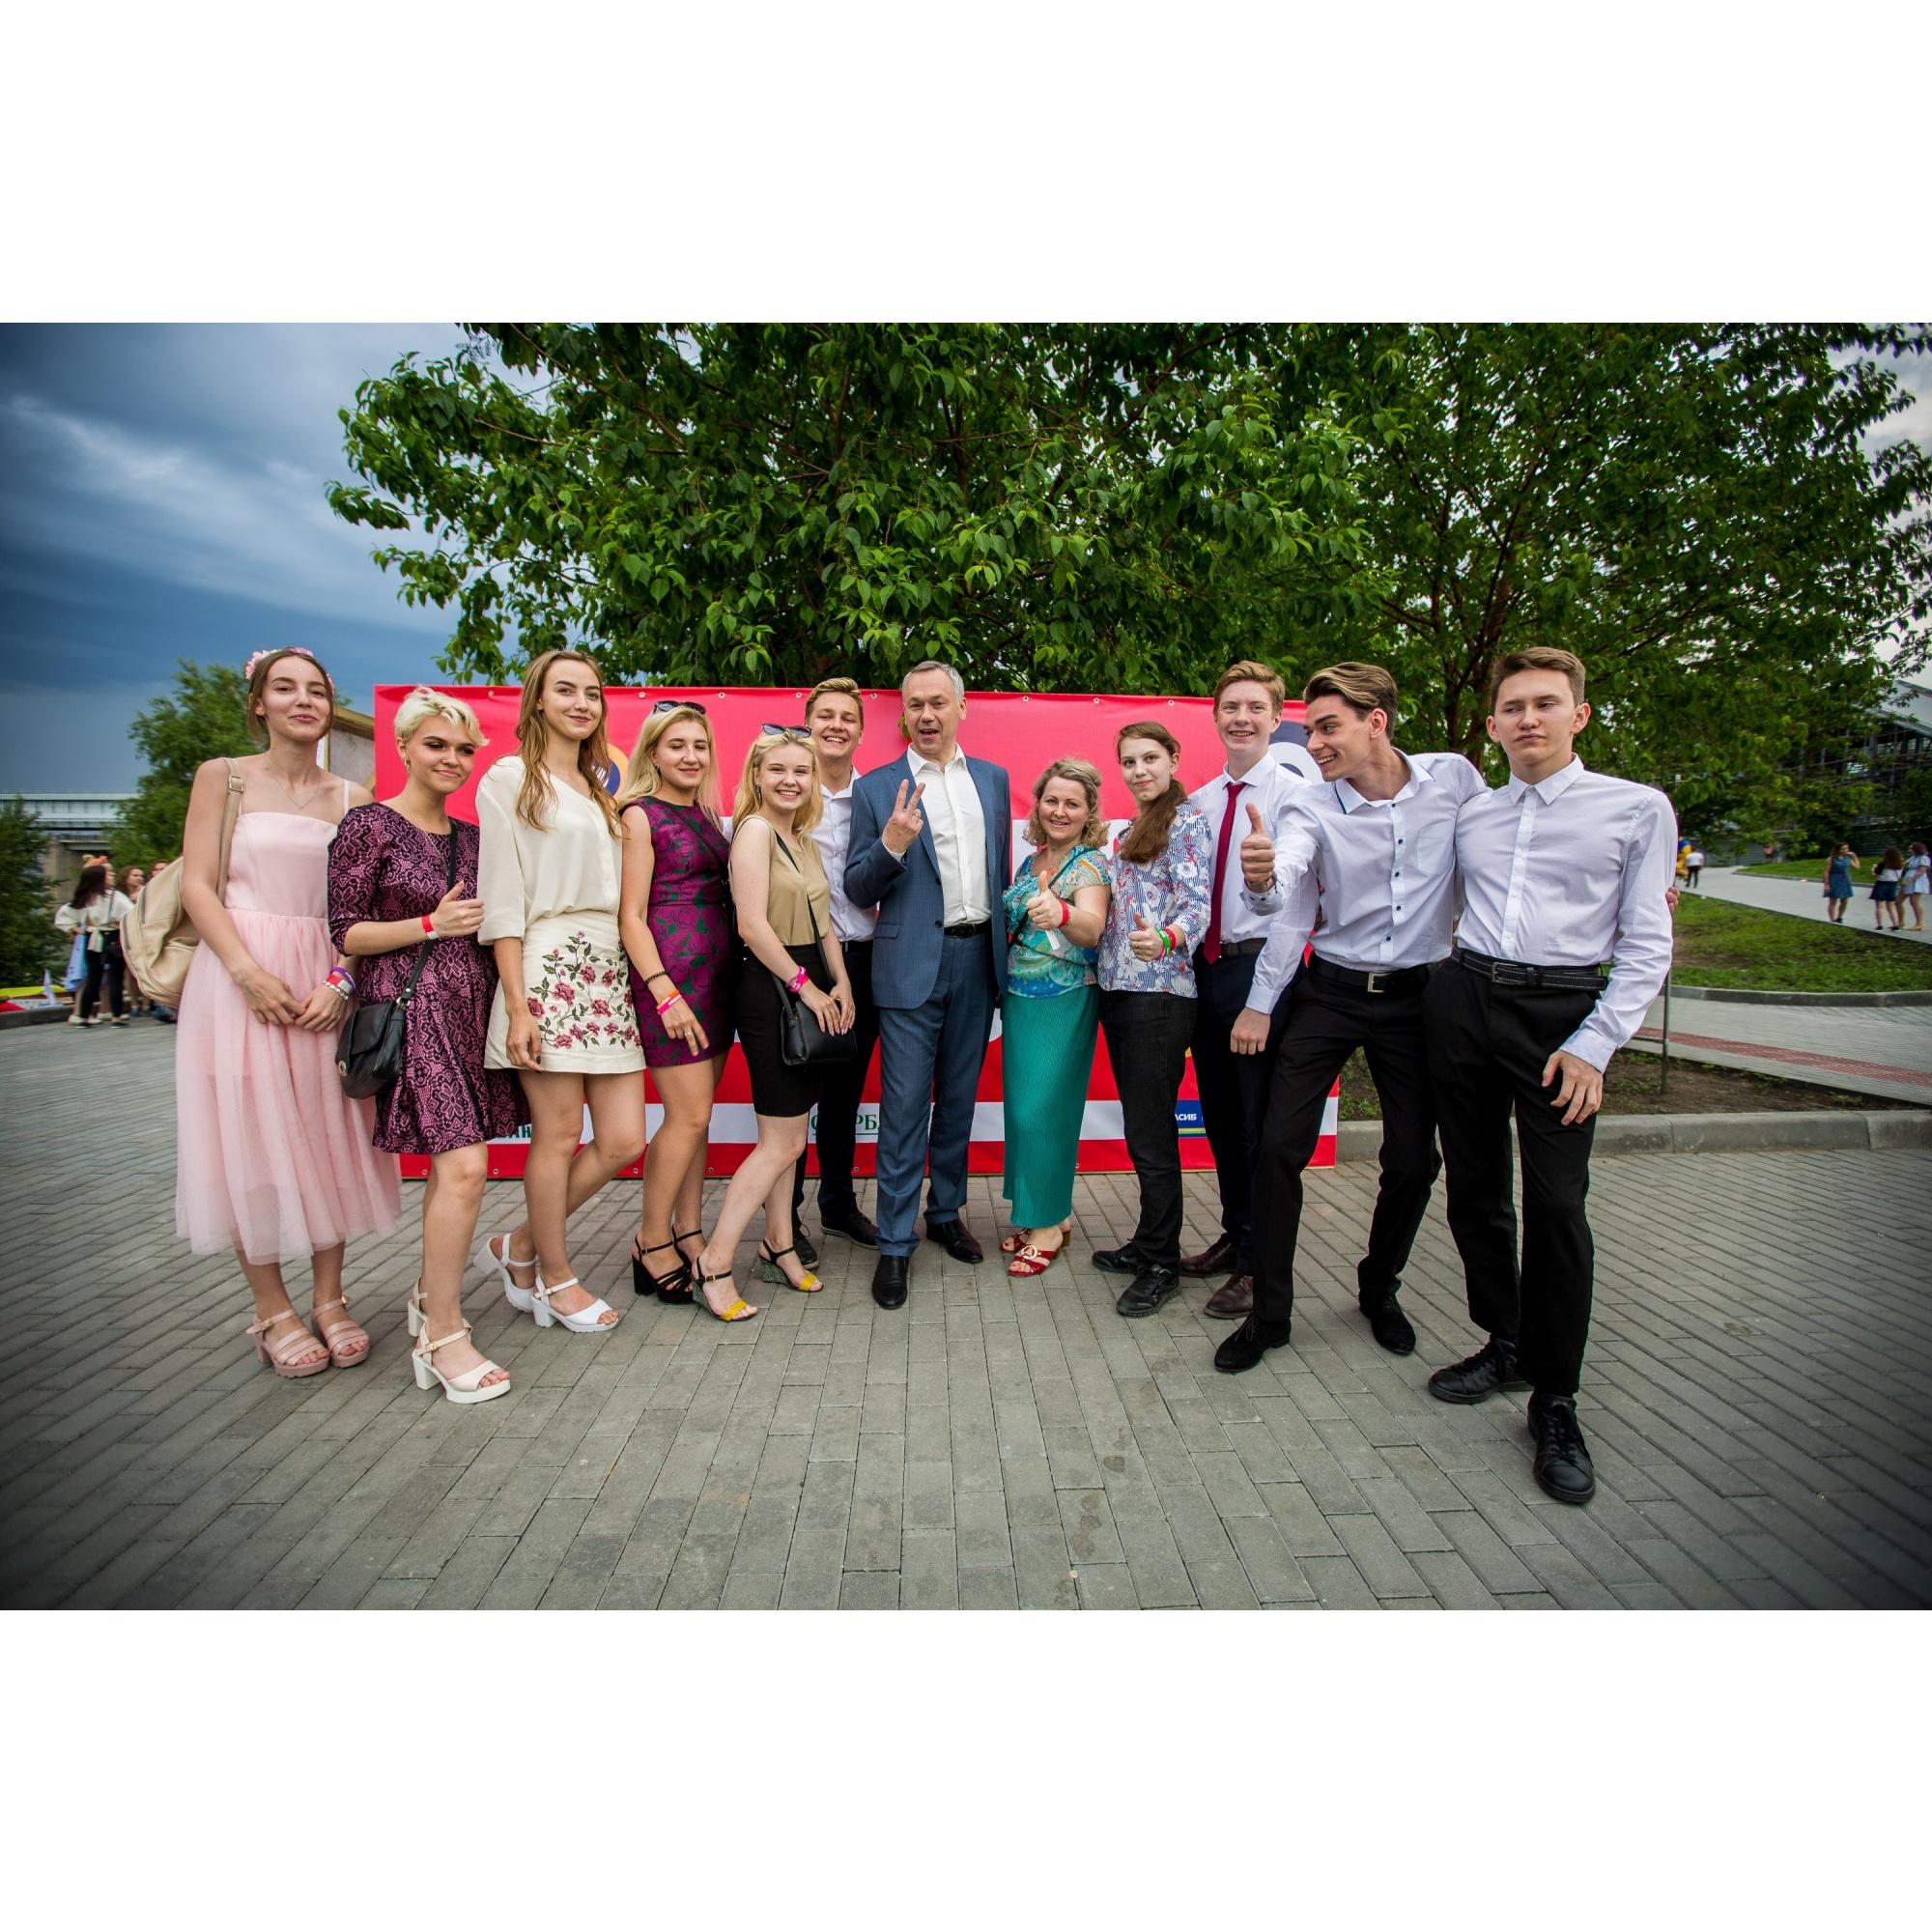 Андрей Травников прогулялся по набережной и сделал несколько фотографий с выпускниками